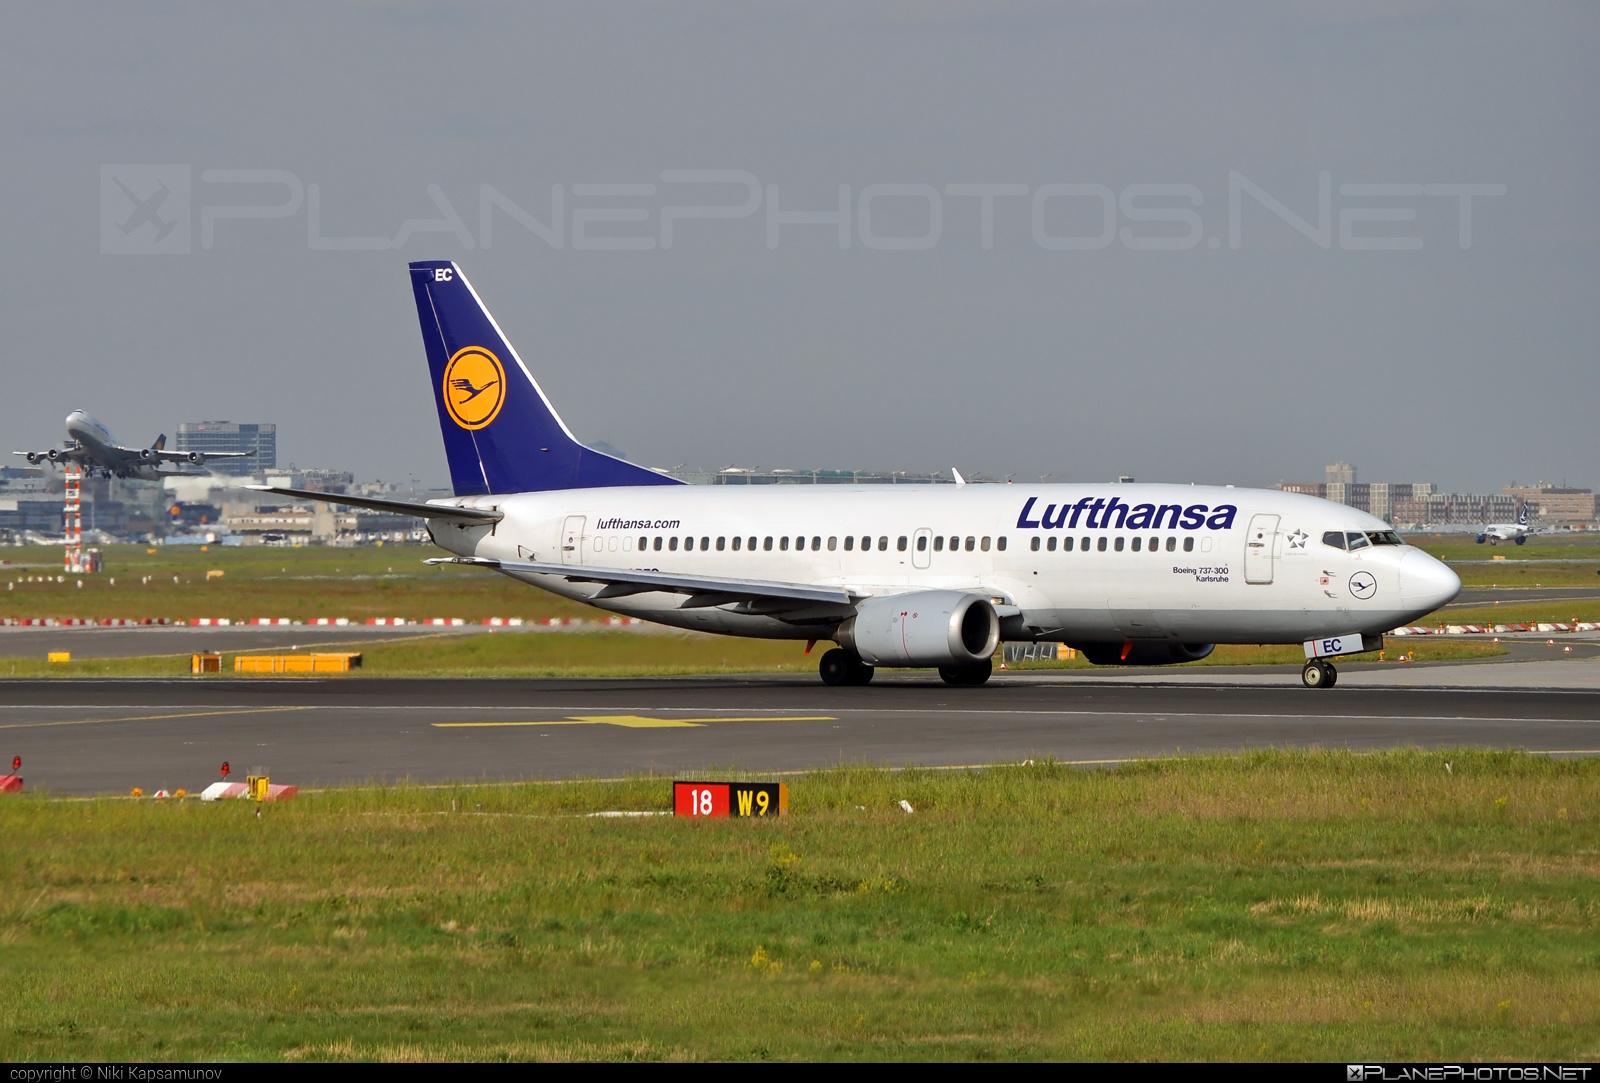 Boeing 737-300 - D-ABEC operated by Lufthansa #b737 #boeing #boeing737 #lufthansa